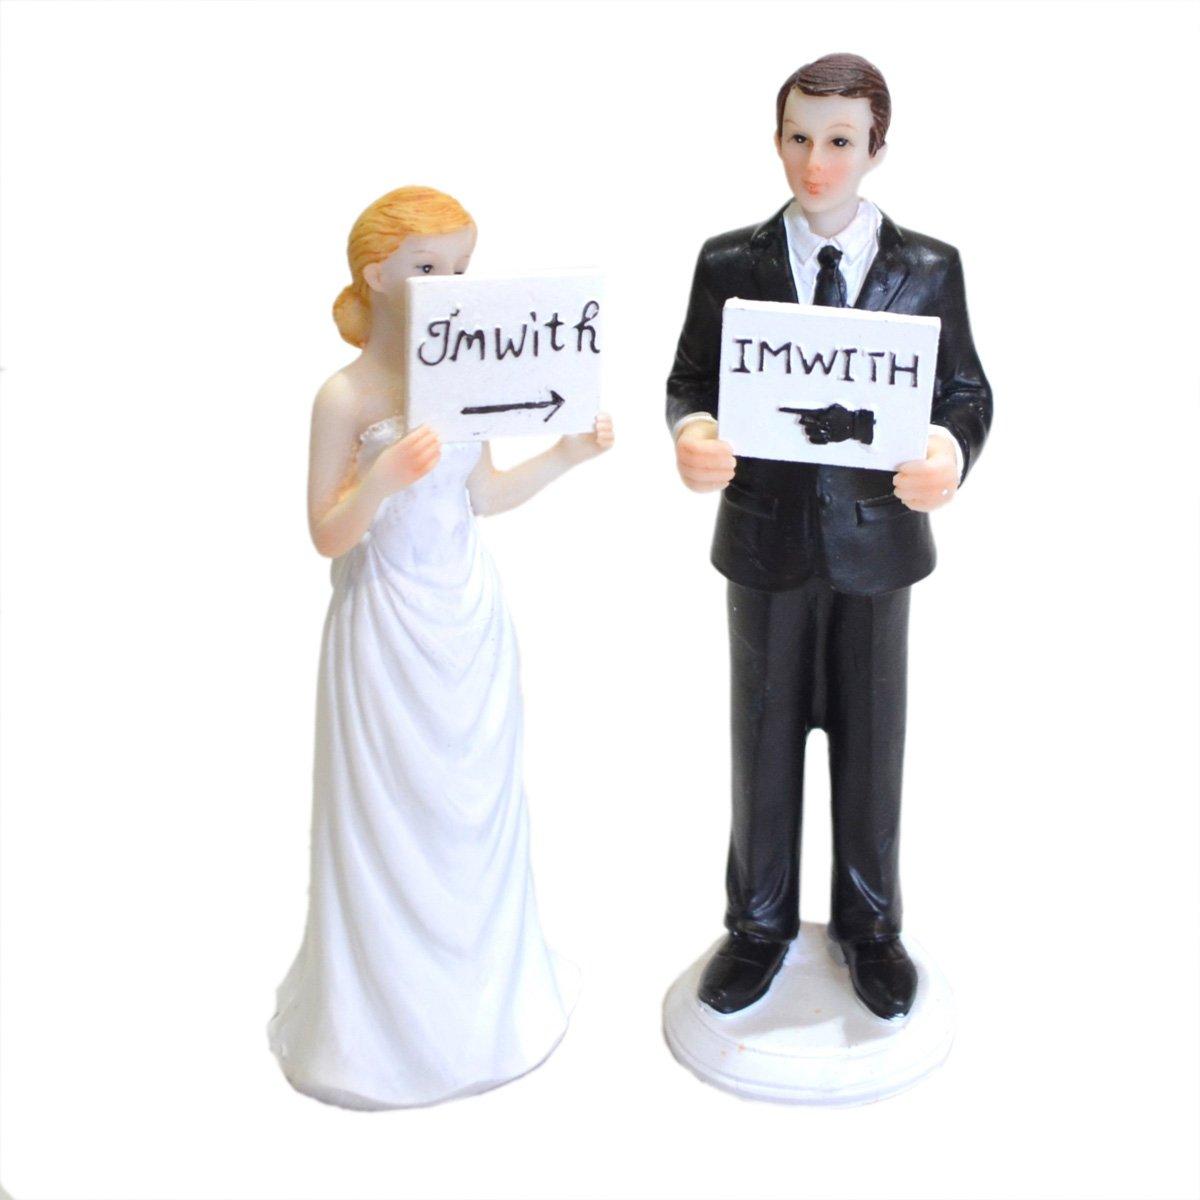 Novelty Wedding Cake Toppers: Amazon.co.uk